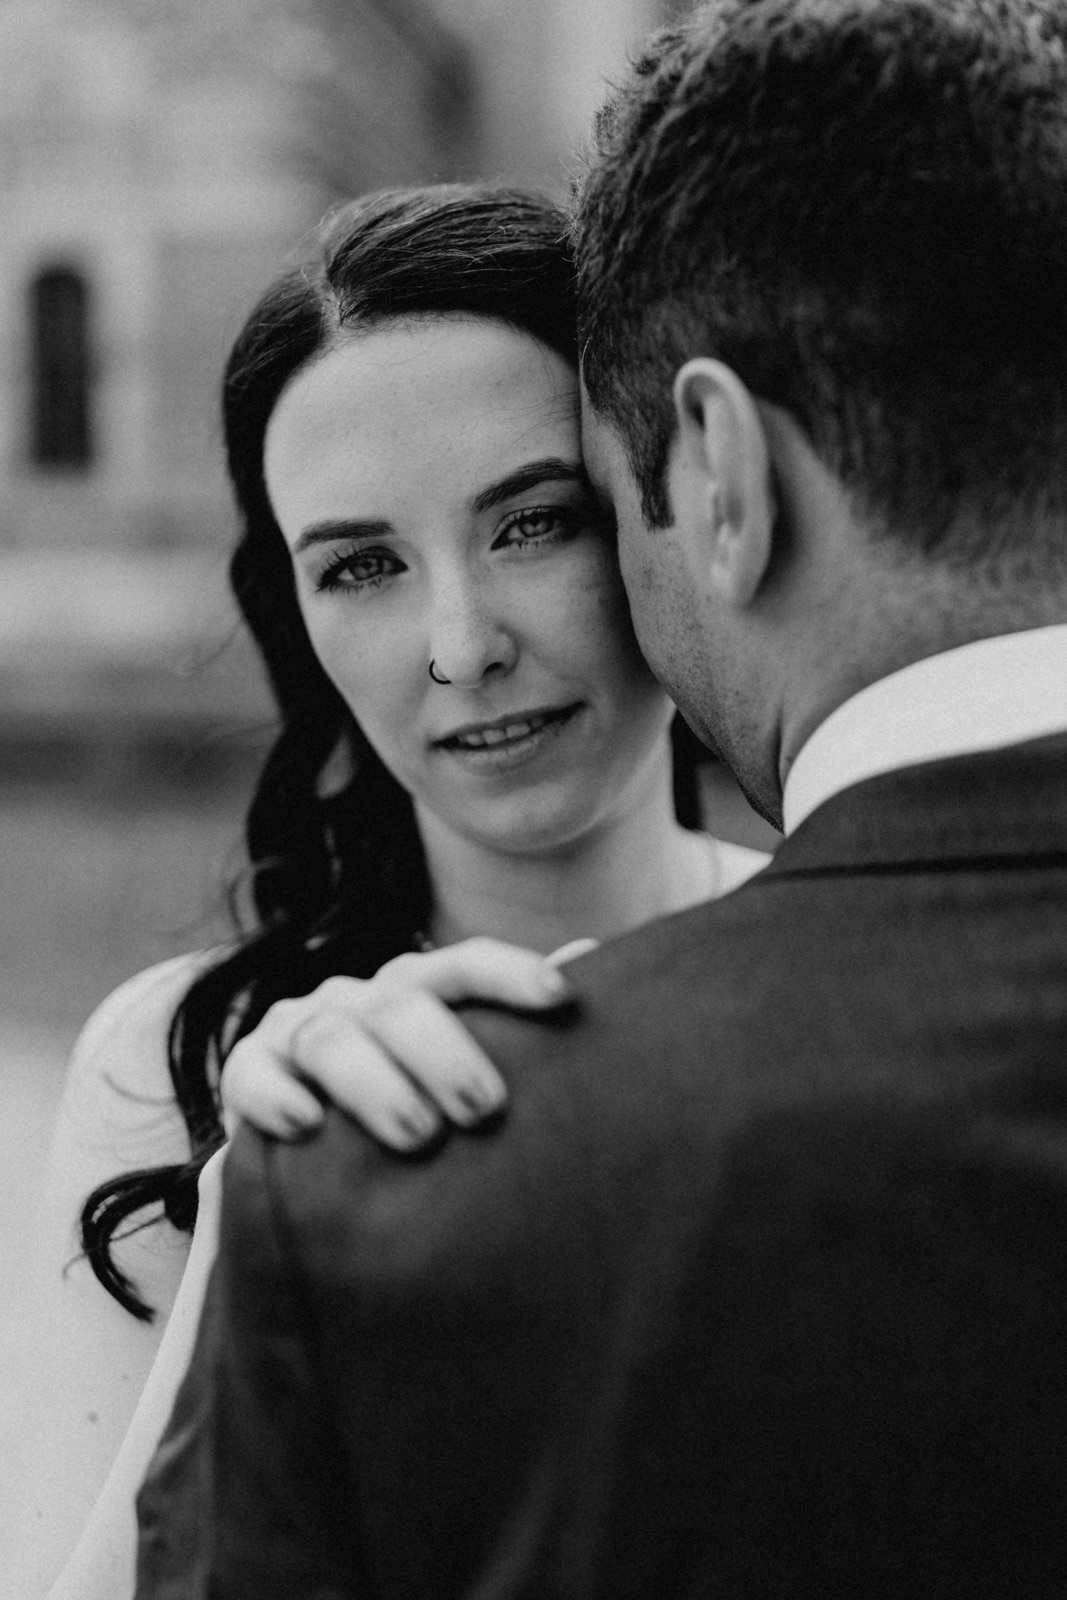 Braut schaut in die Kamera angeschmiegt an den Kopf ihres Mannes